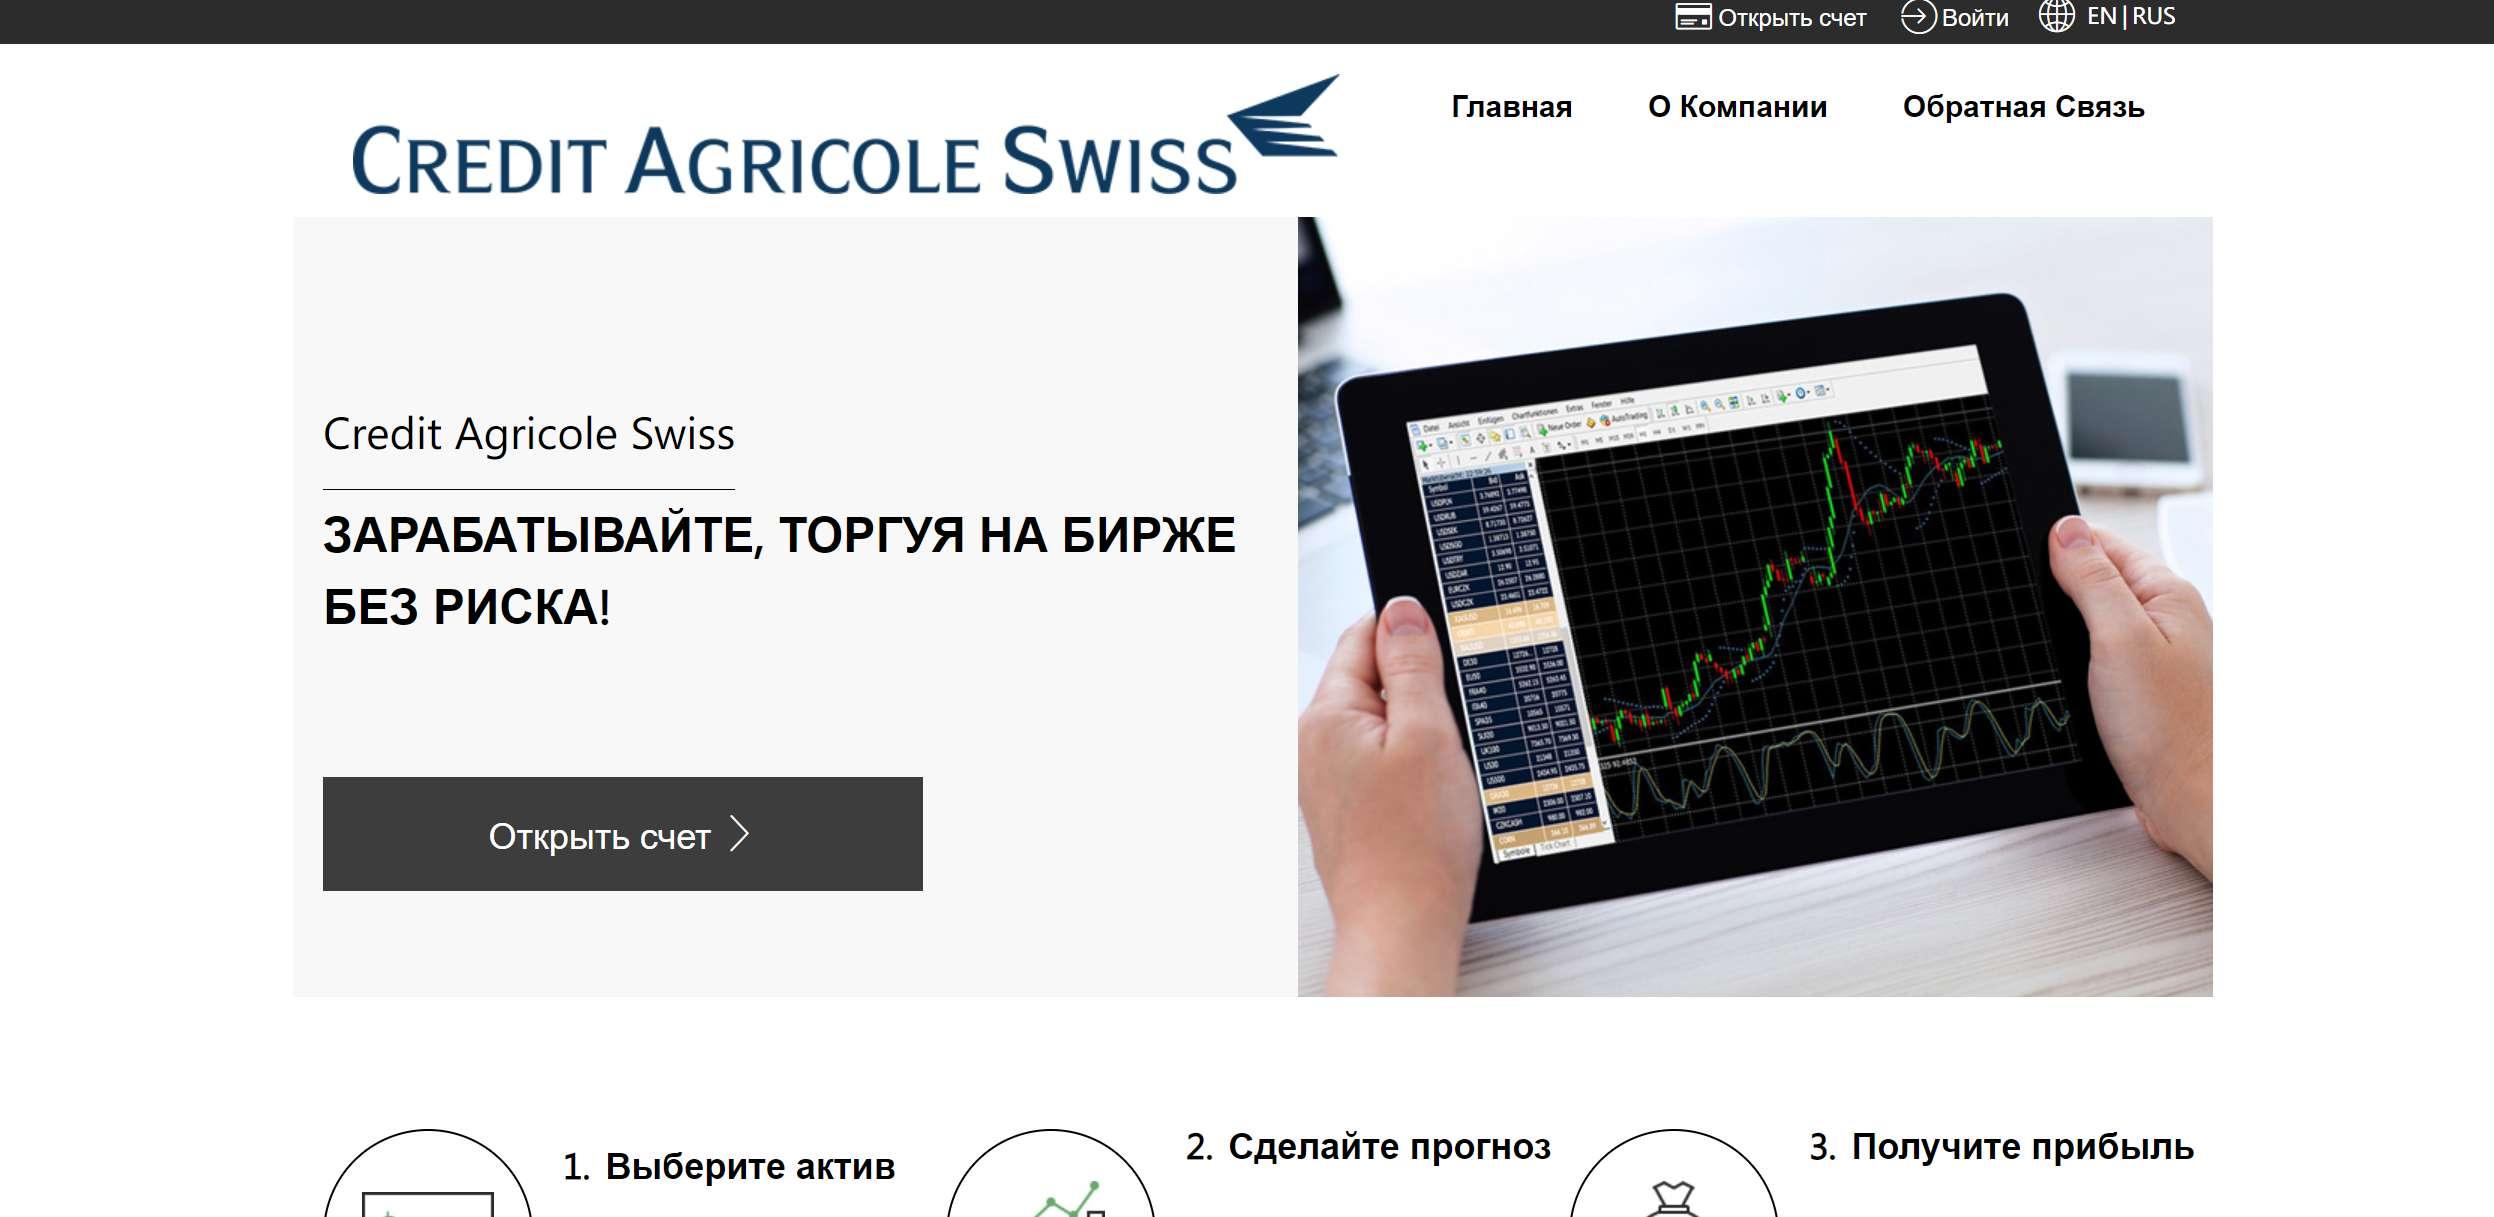 Отзыв о Credit Agricole Swiss - наше мнение - банальный лохотрон.